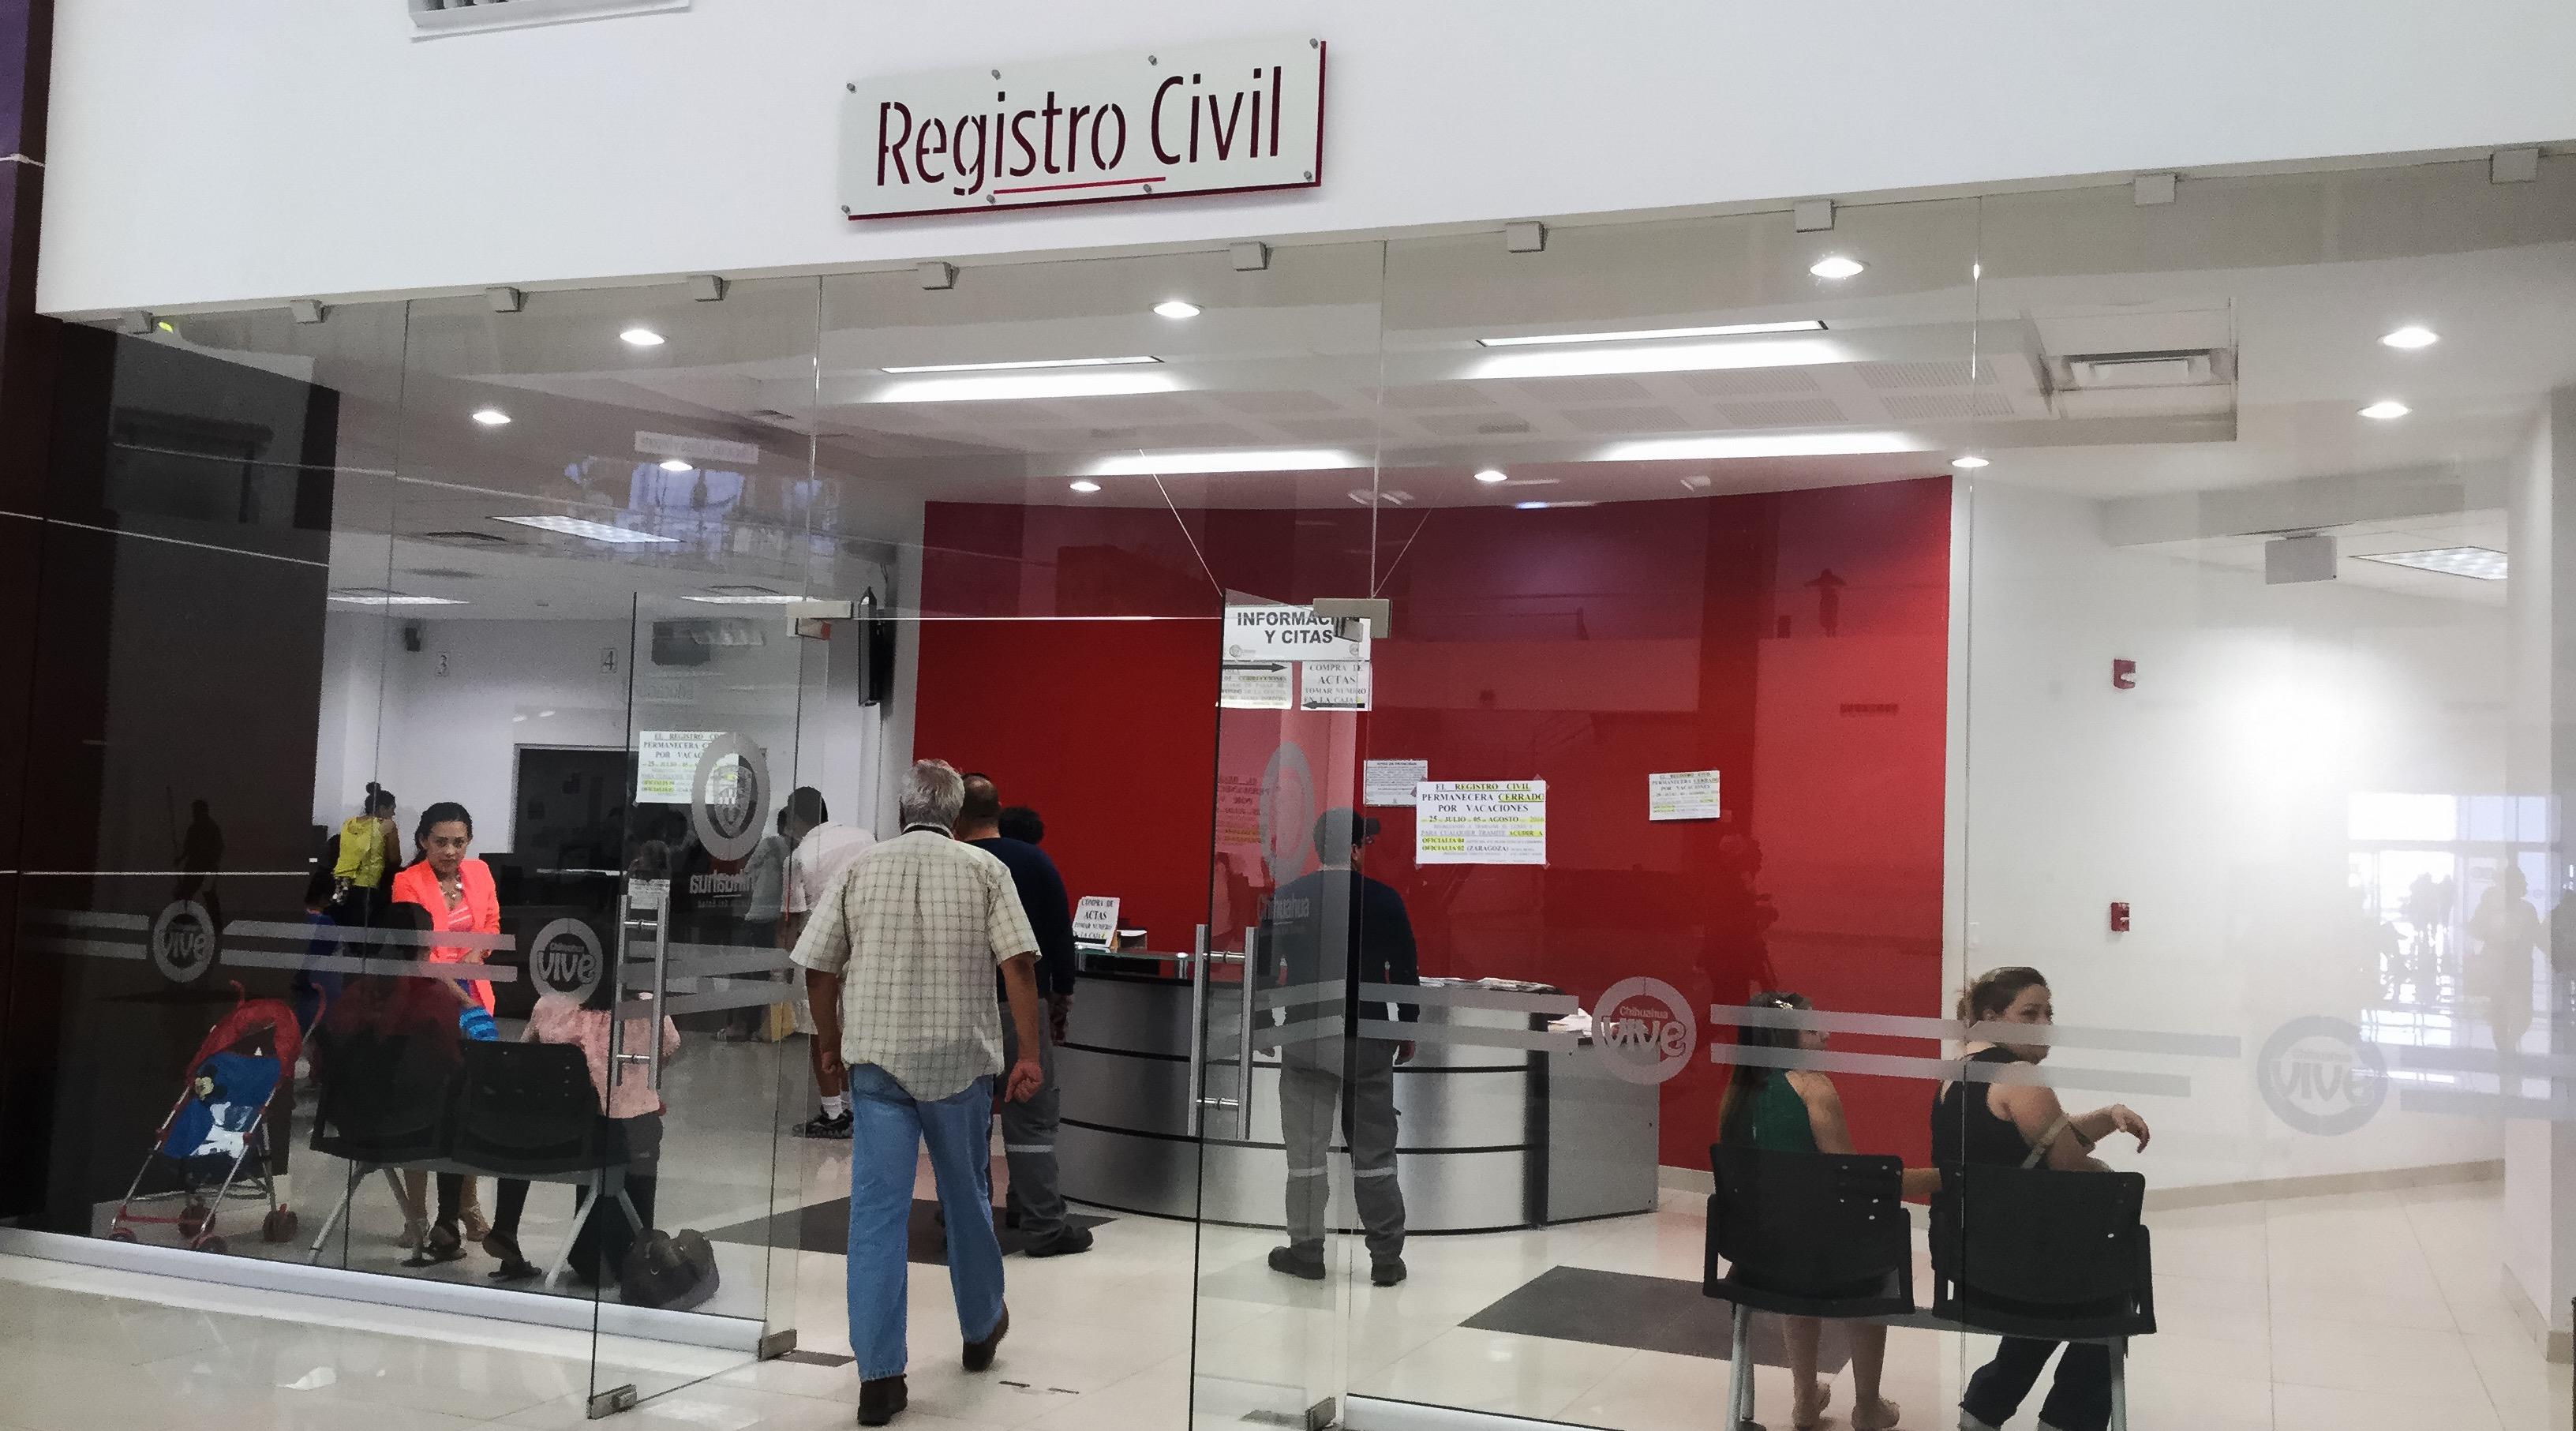 Cierra registro civil en pueblito mexicano por vacaciones for Oficinas registro civil